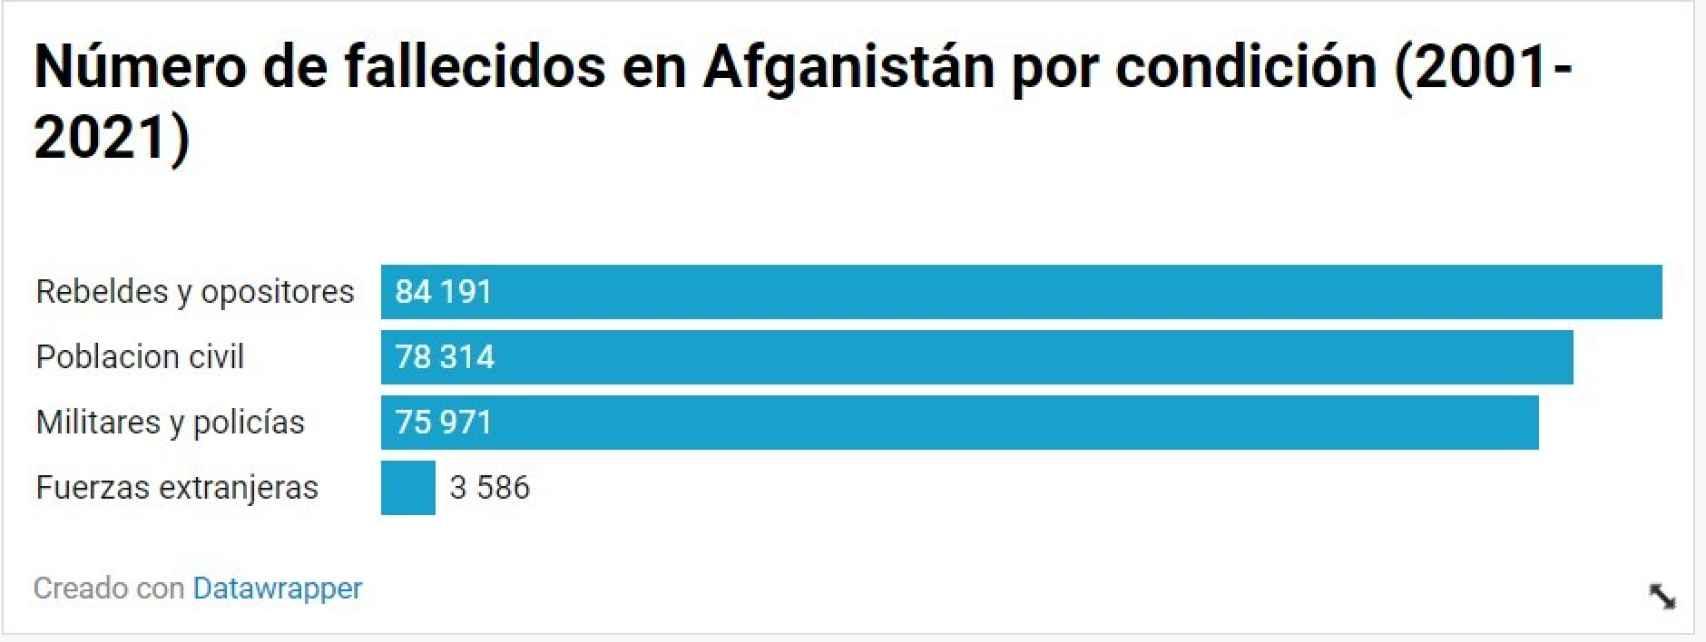 Total de muertos durante la guerra de Afganistán, 2001-2021 según grupo.